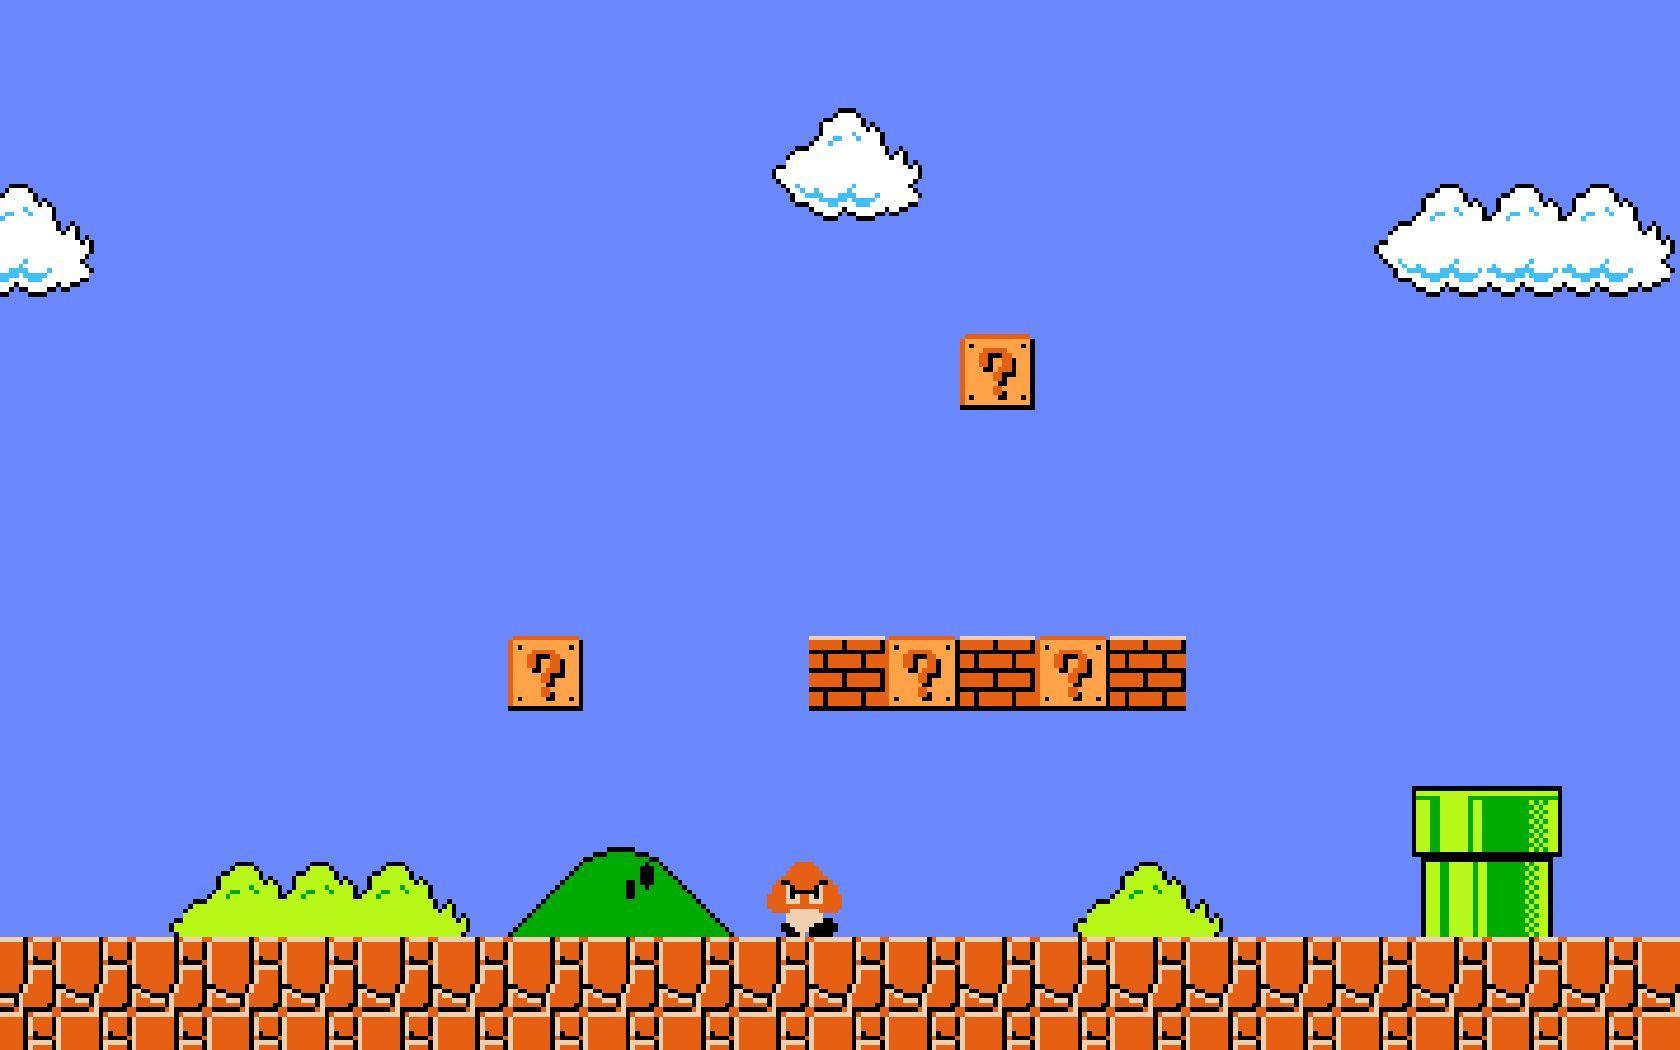 Super Mario Backgrounds - Wallpaper Cave